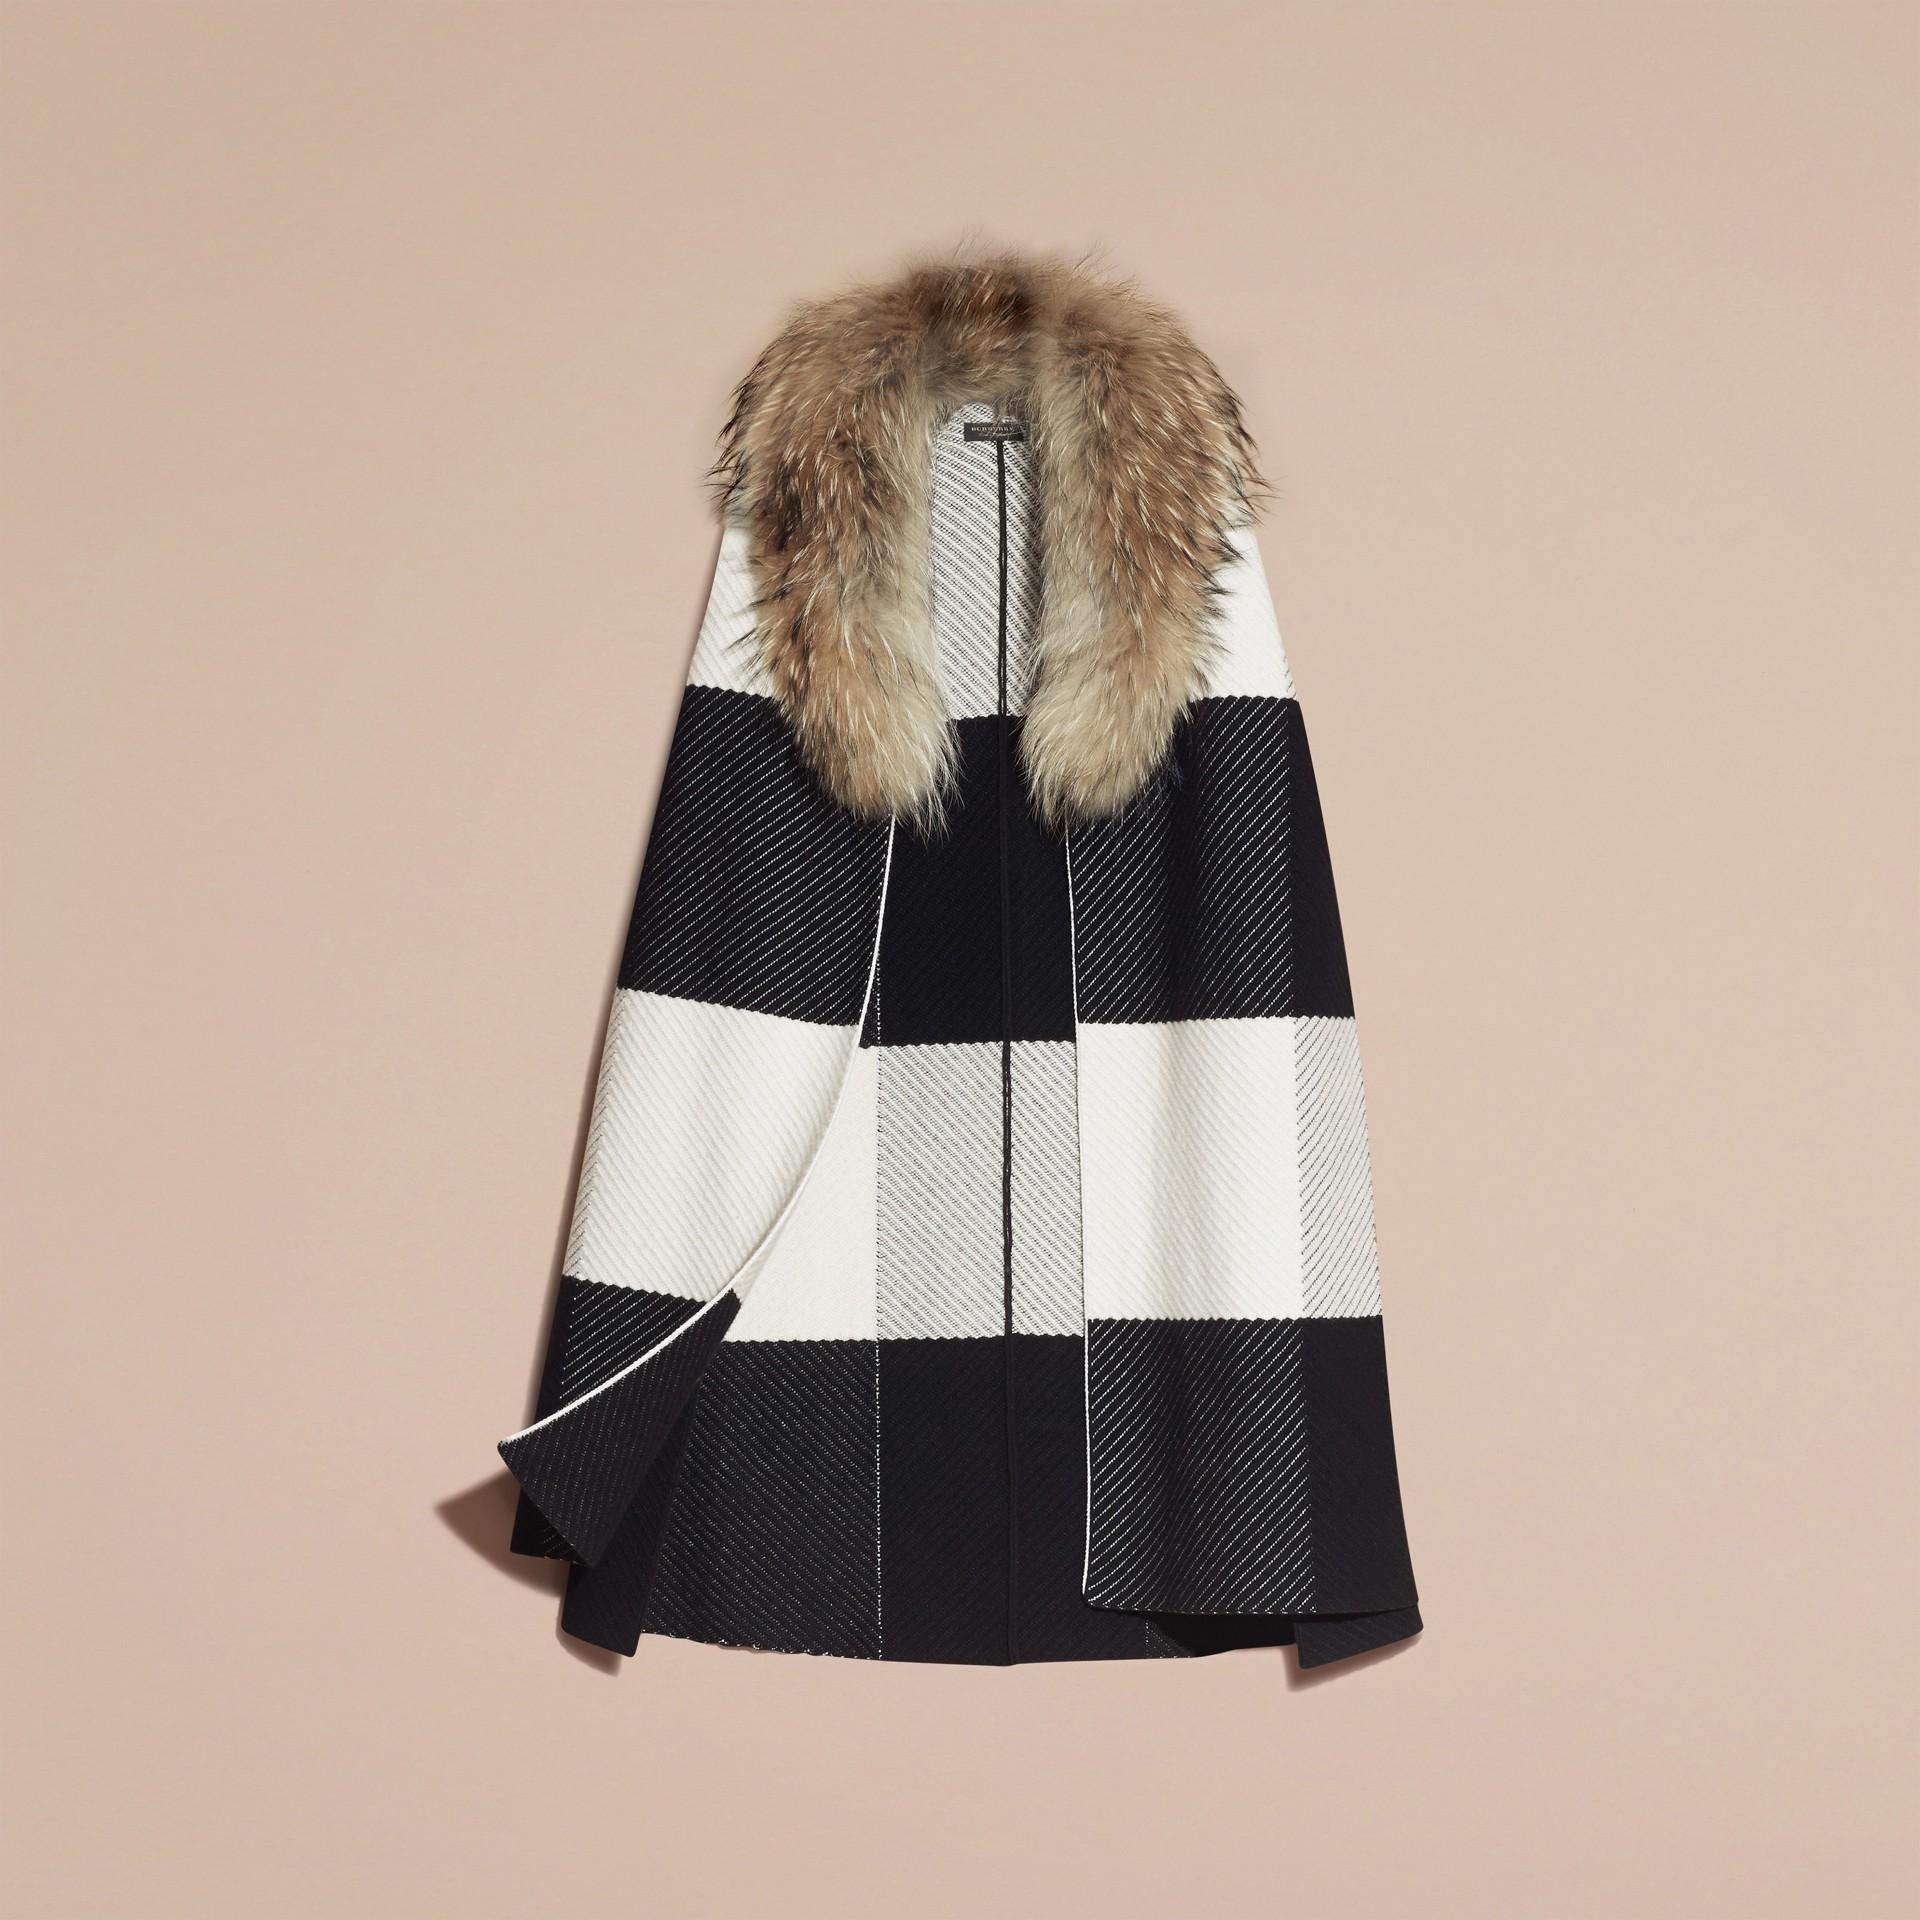 Noir/blanc Poncho en laine et cachemire mélangés à motif check avec col en fourrure de raton laveur - photo de la galerie 4